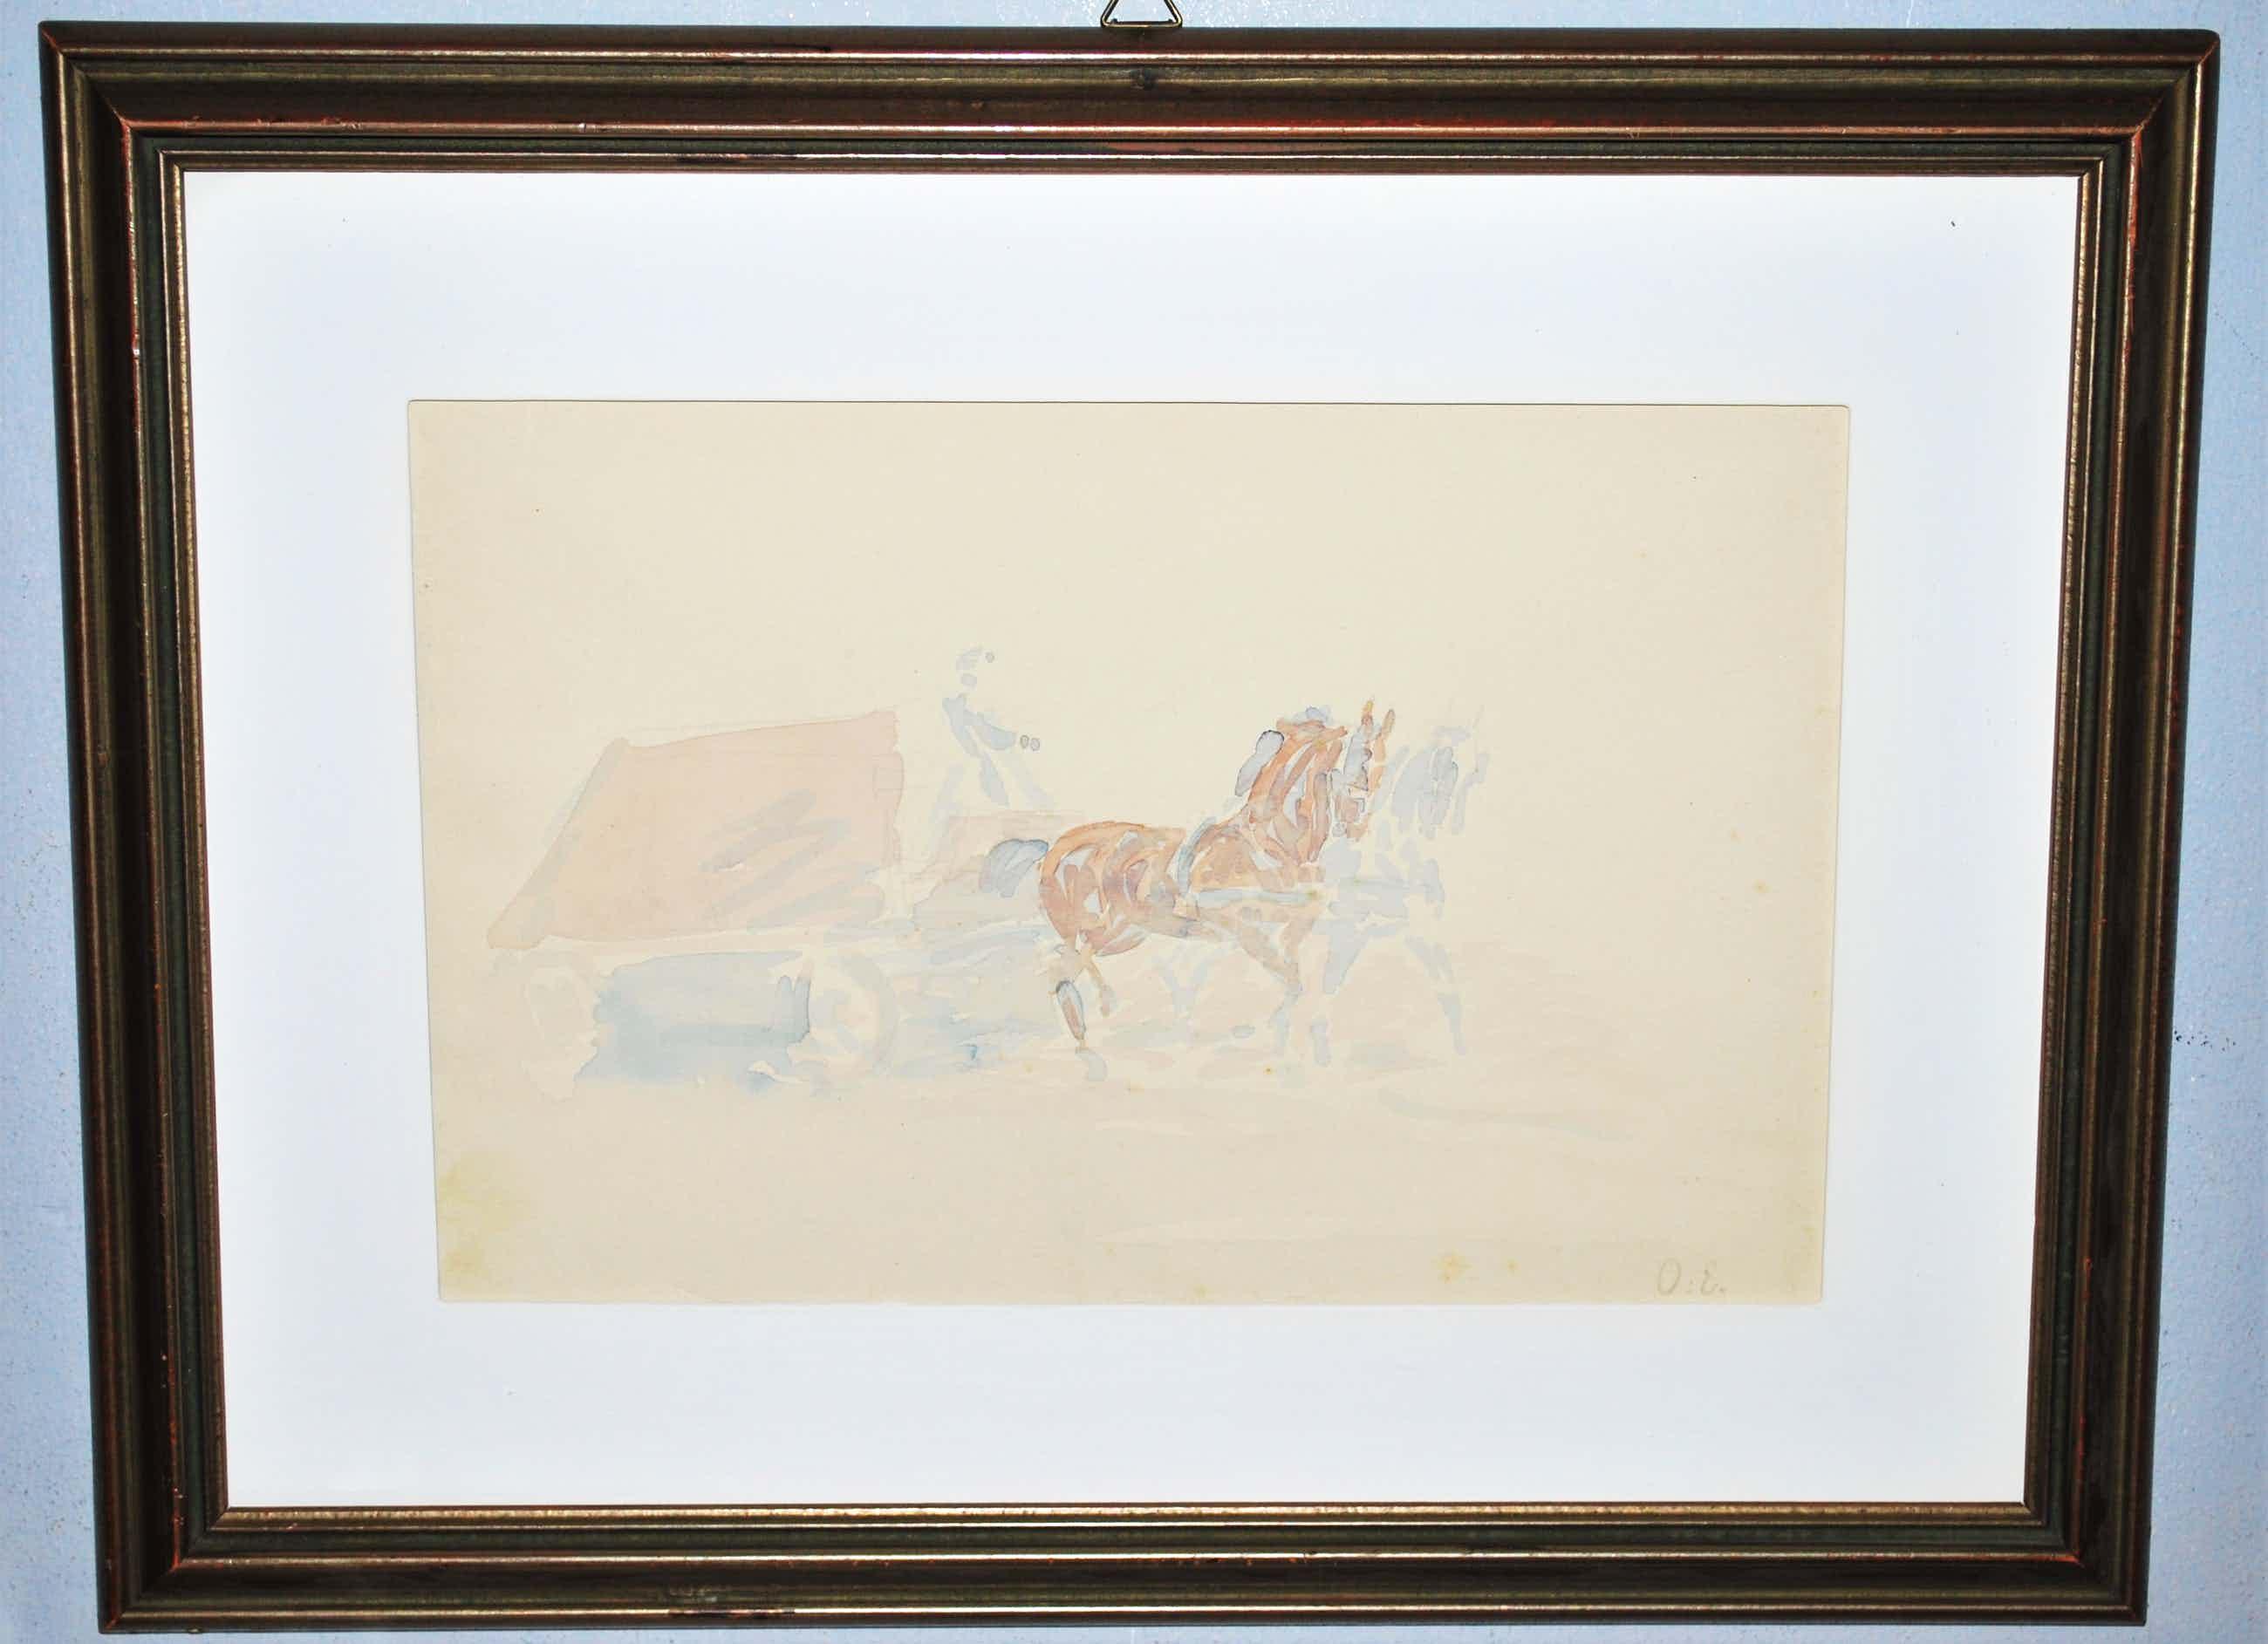 Otto Eerelman - mooi ingelijste aquarel van een wagen met twee paarden kopen? Bied vanaf 325!